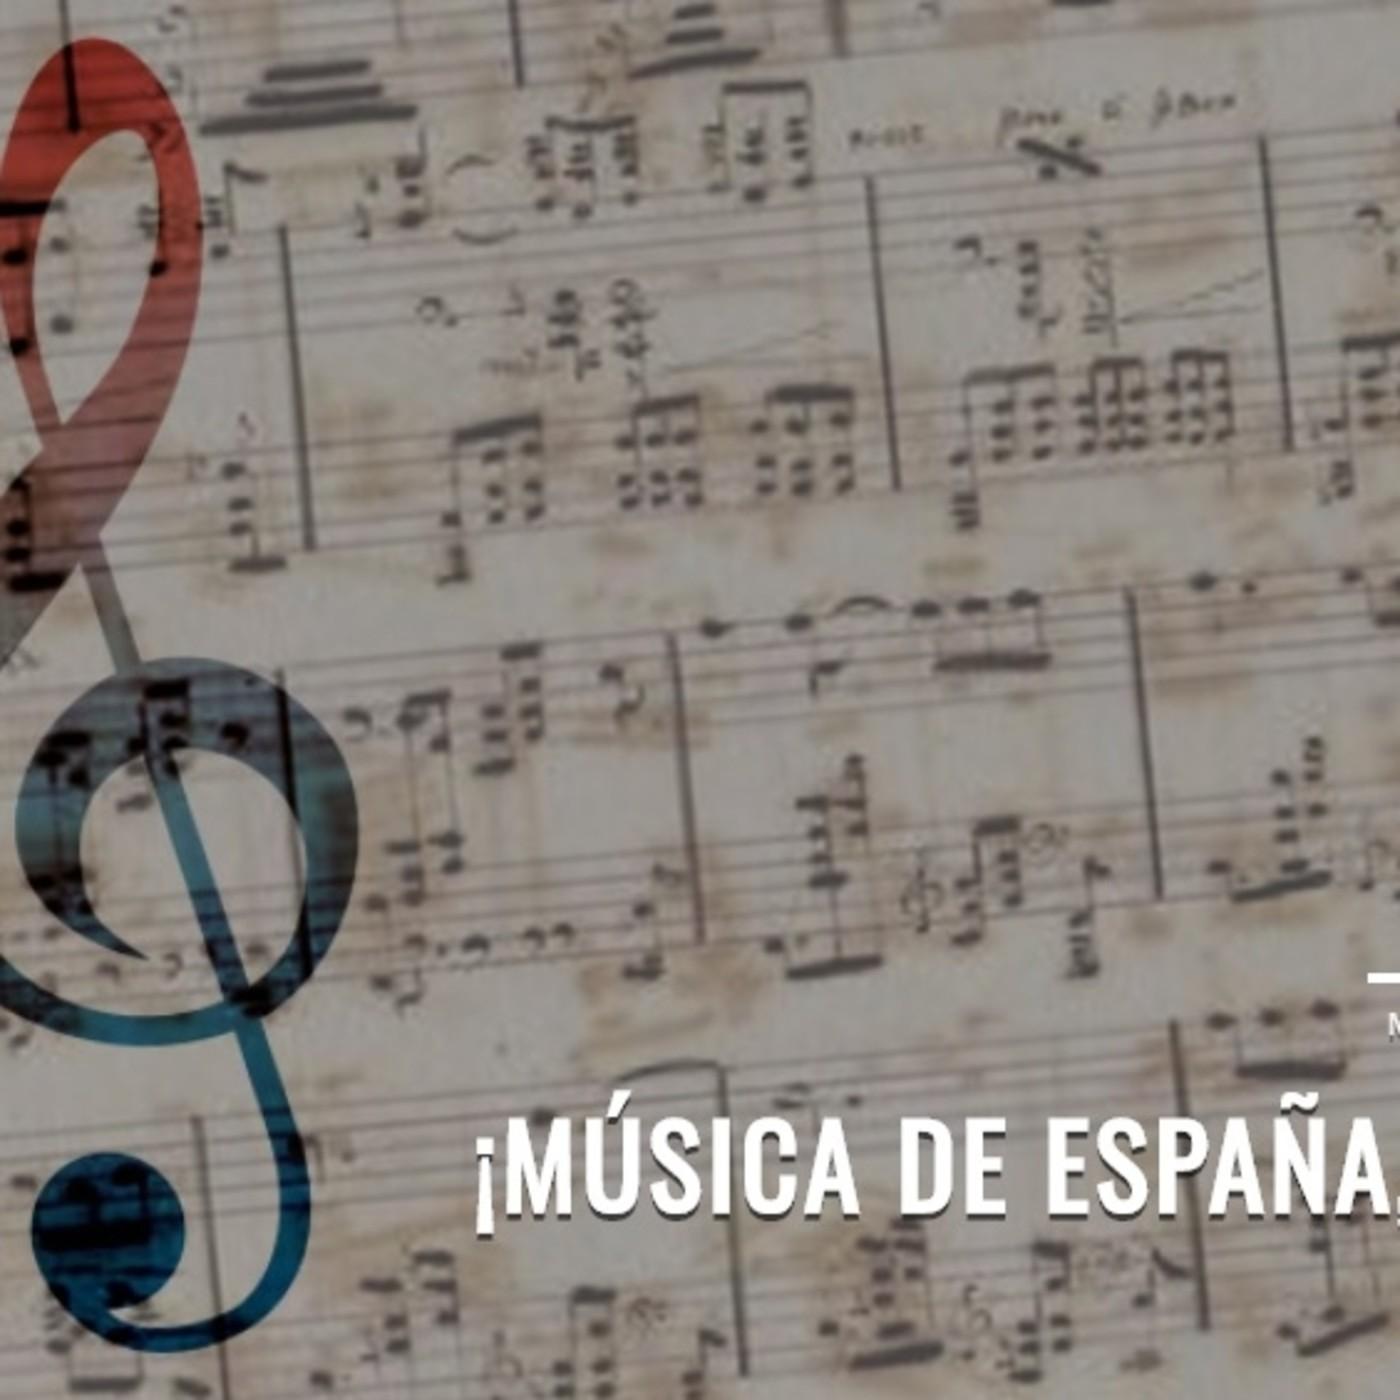 ¡Música de España, a ritmo de marcha!